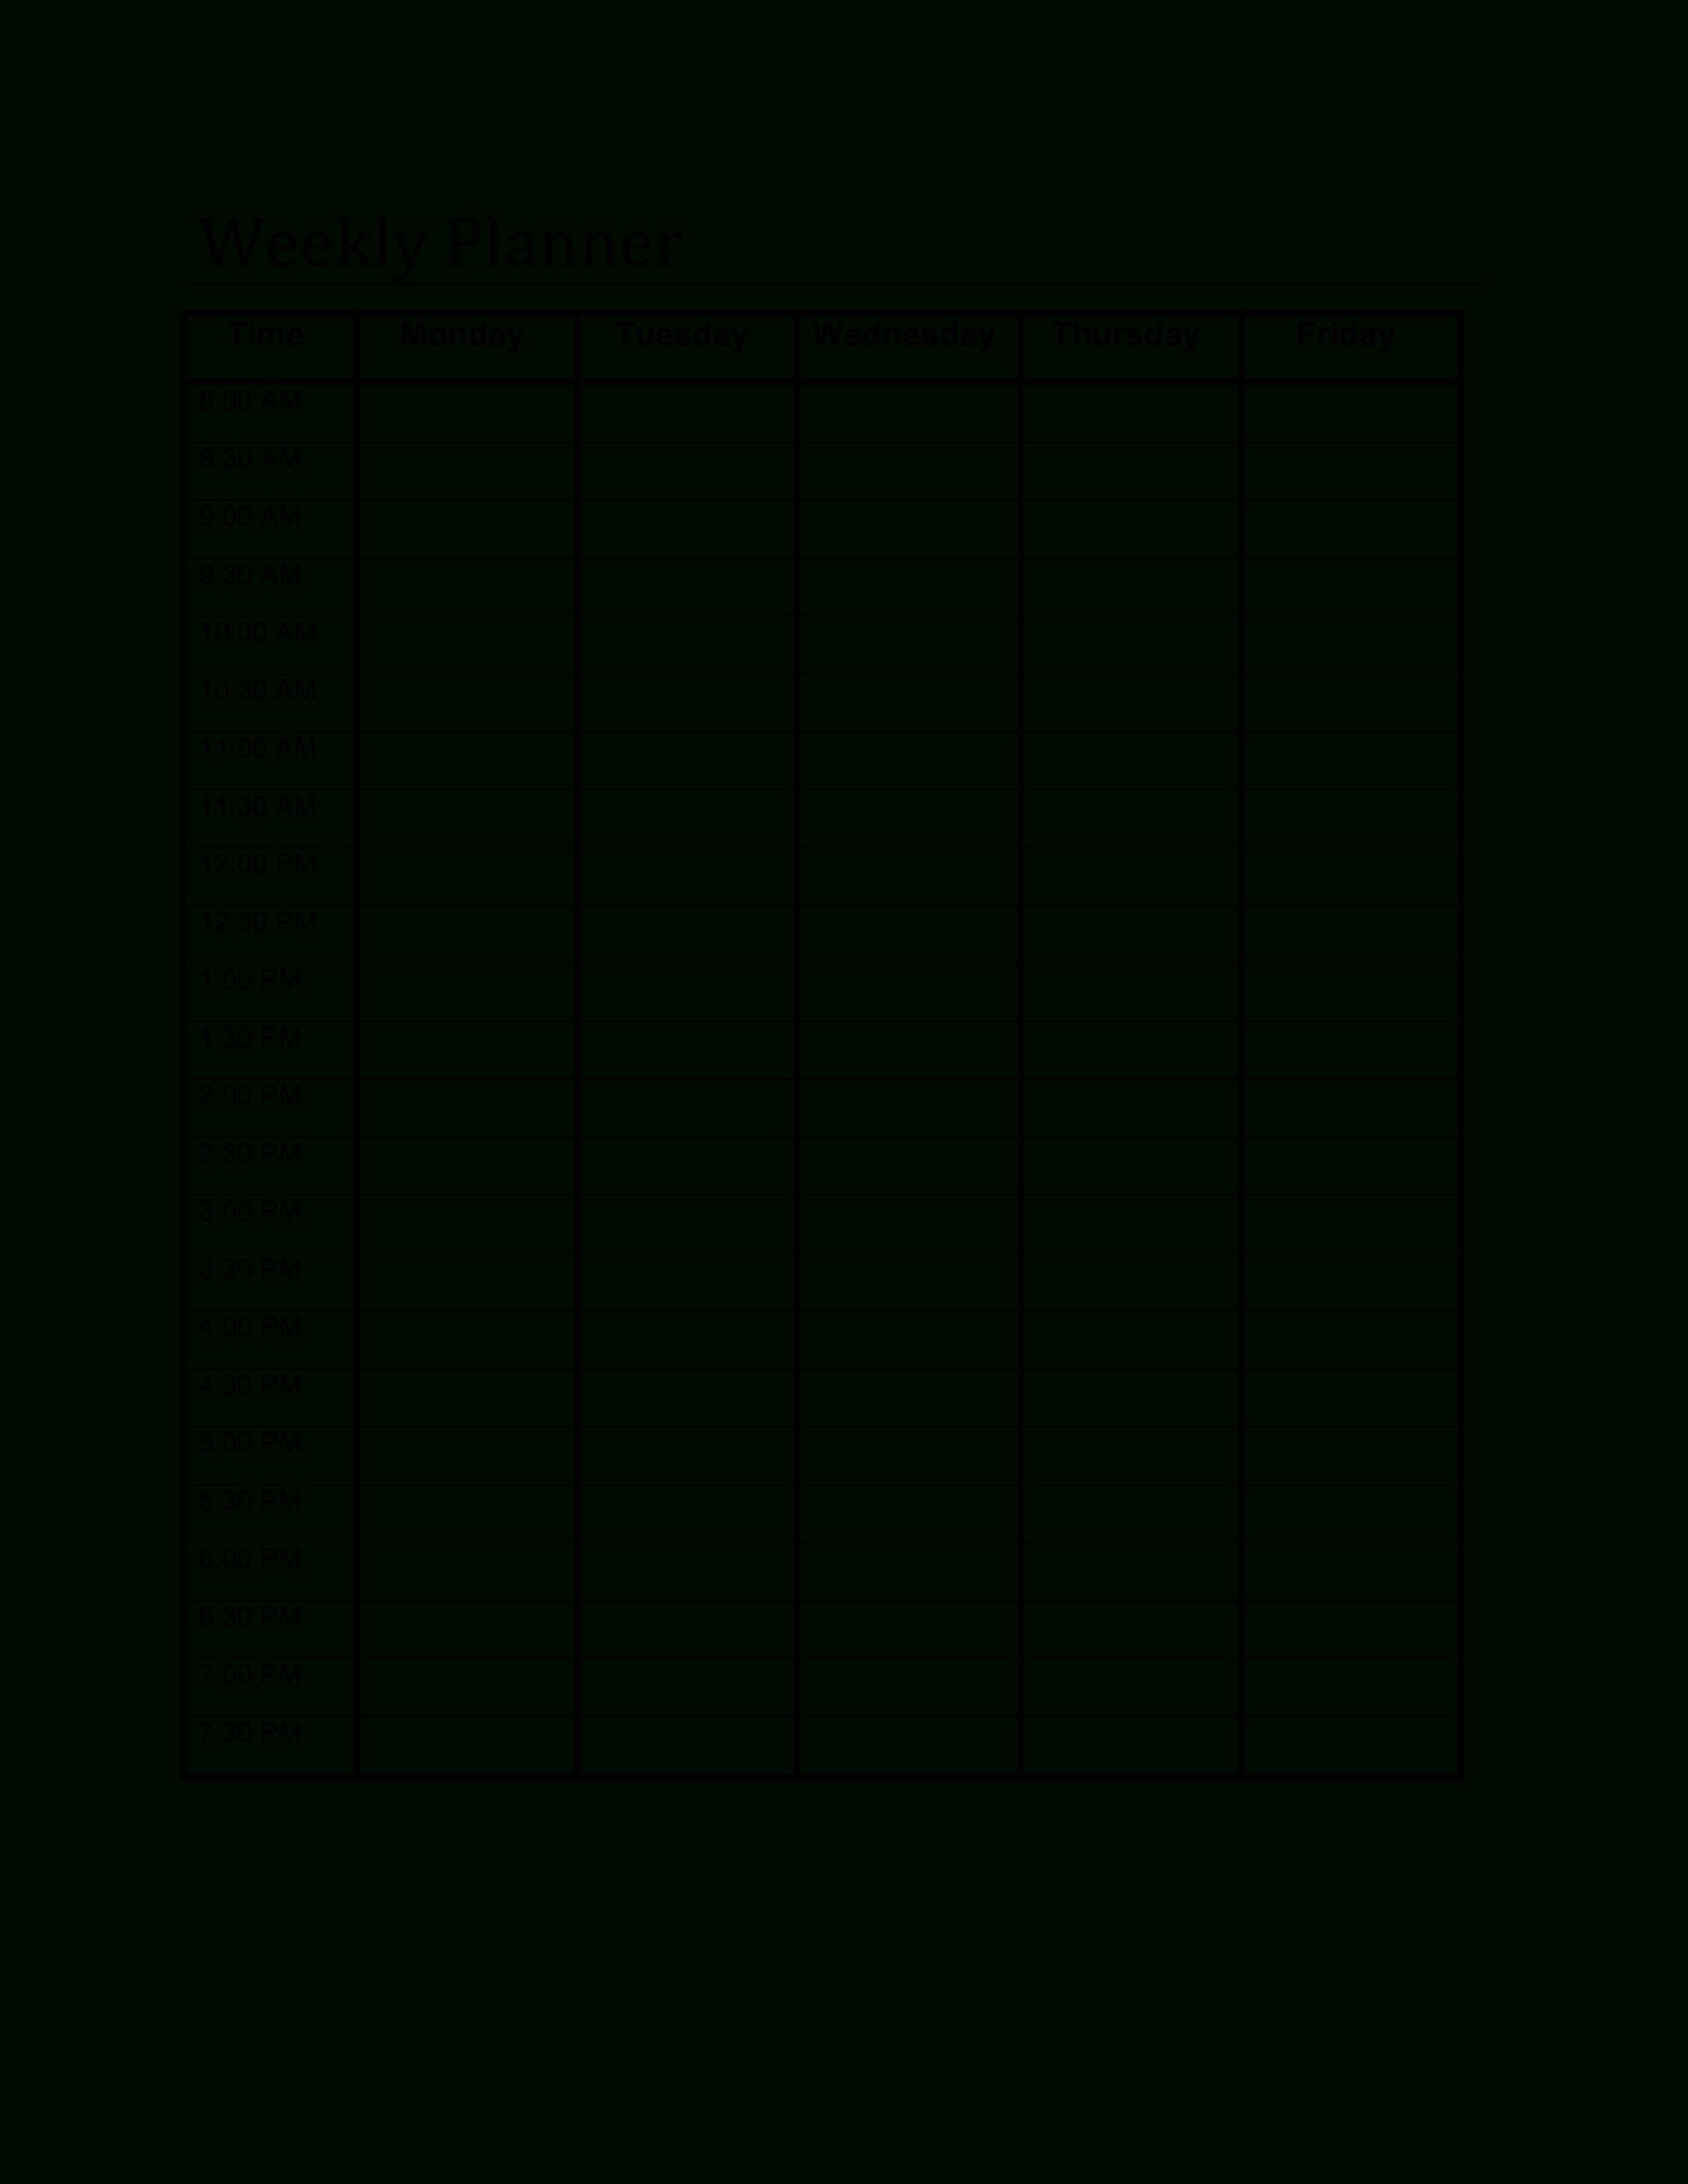 Schedule Template Week Planner Sheet Weekly Google Sheets Printable in Blank Weekly Am/pm Schedule Template